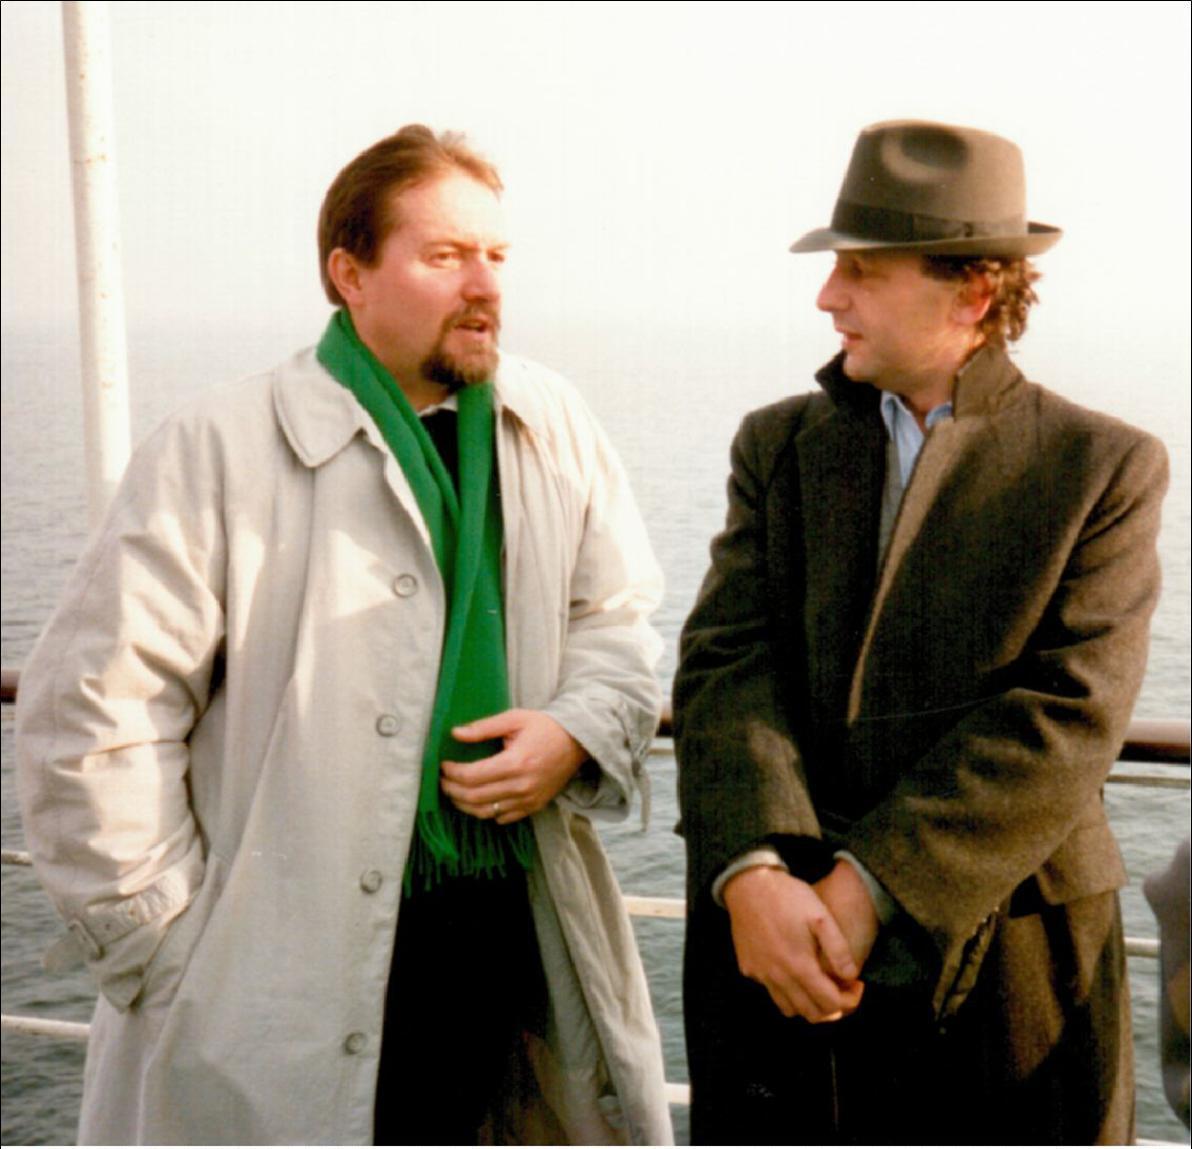 Le President et le Chef 1989